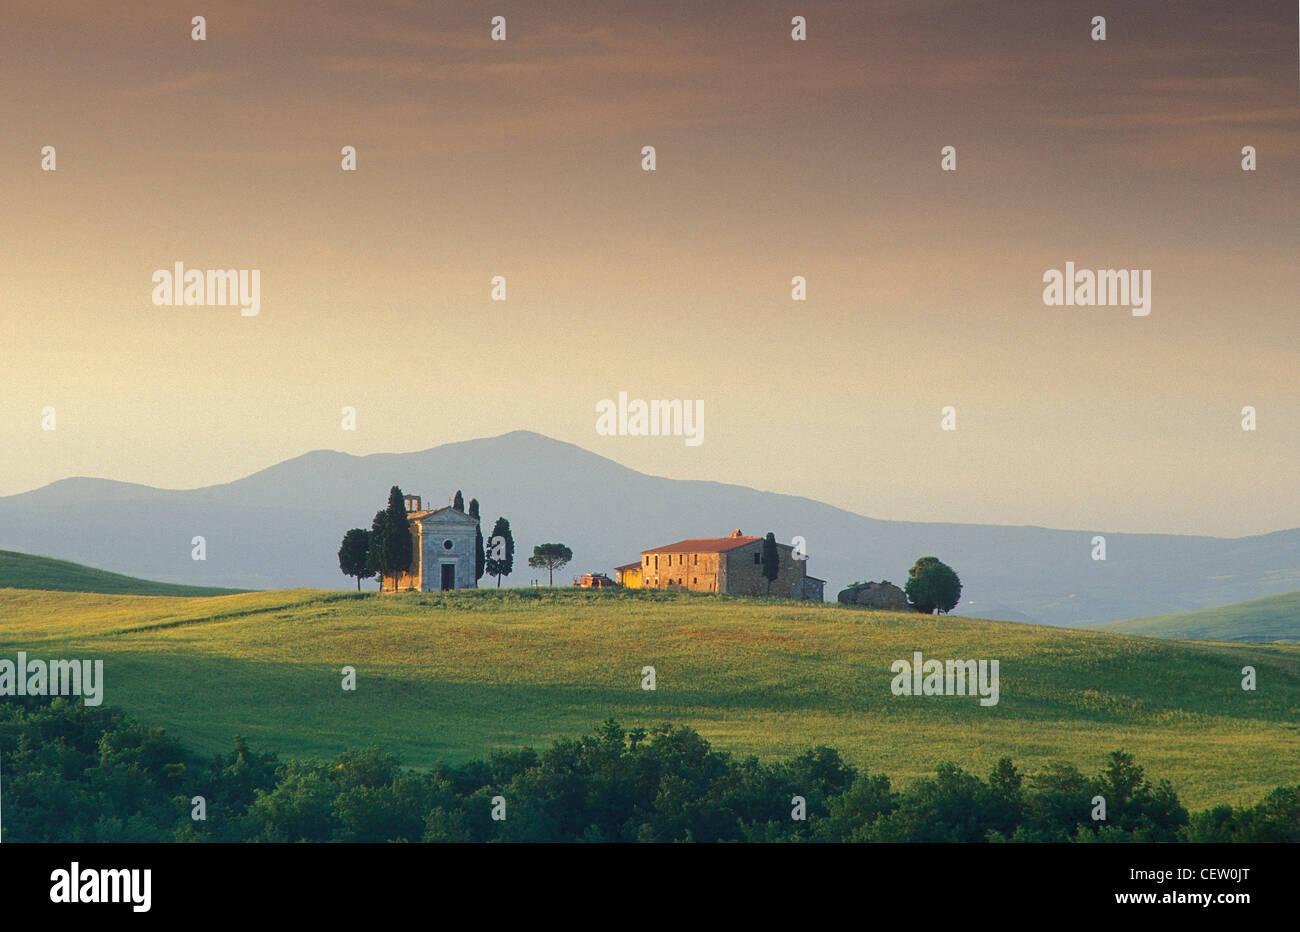 Capilla y casa en la colina, nr Pienza, Toscana, Italia Imagen De Stock